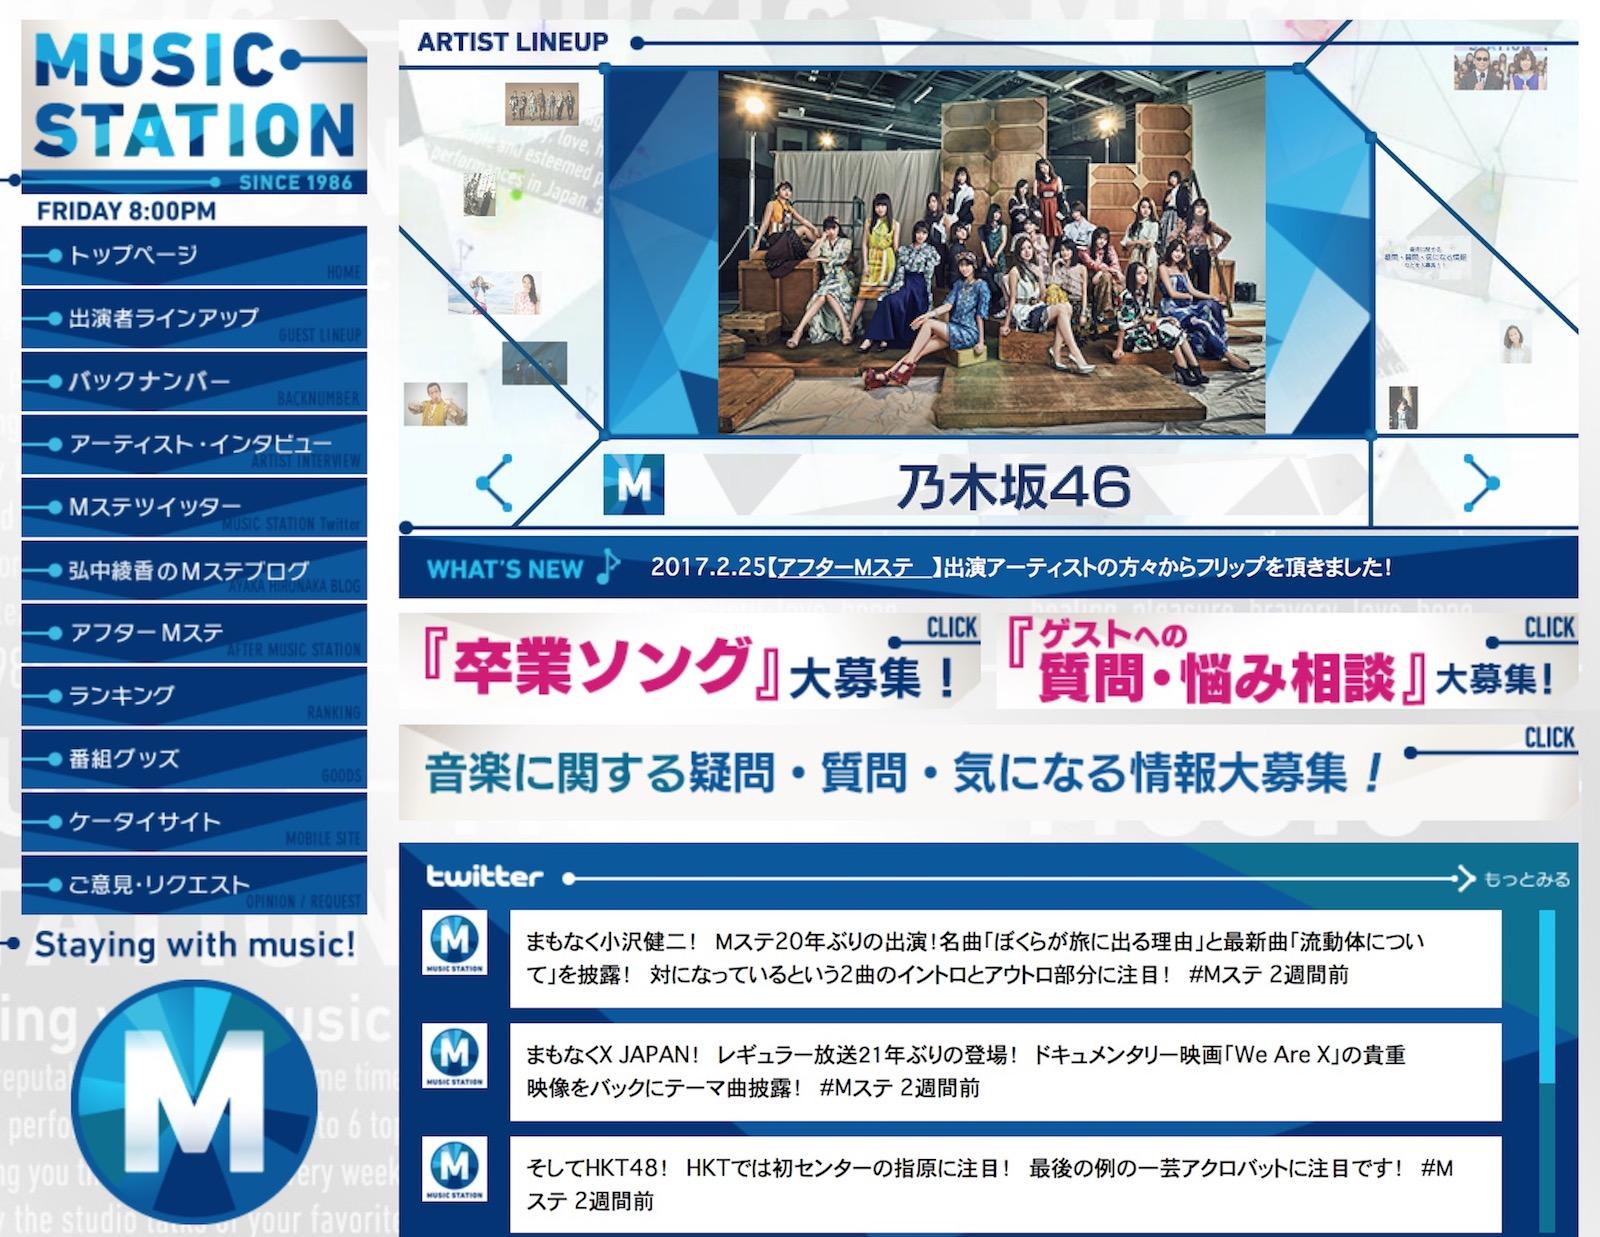 乃木坂46・衛藤美彩、会計学研究の「U18アカコン」で審査員・対談モデレーターを担当